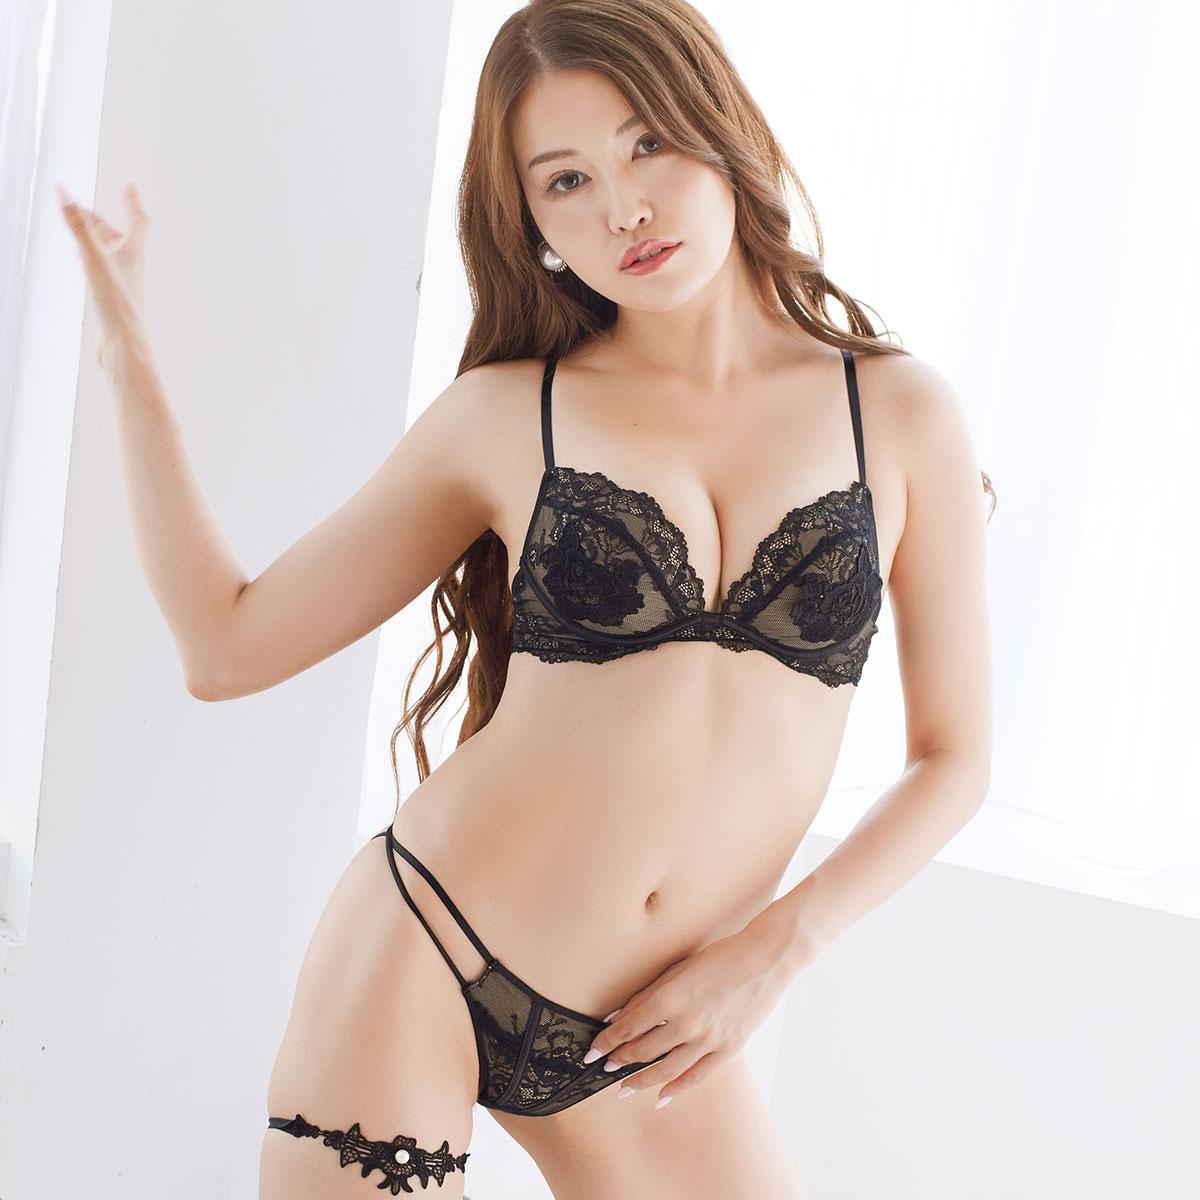 セクシーヴェールブラ&ショーツ、Tバック(Sexy Veil Bra&Shorts、T-back)